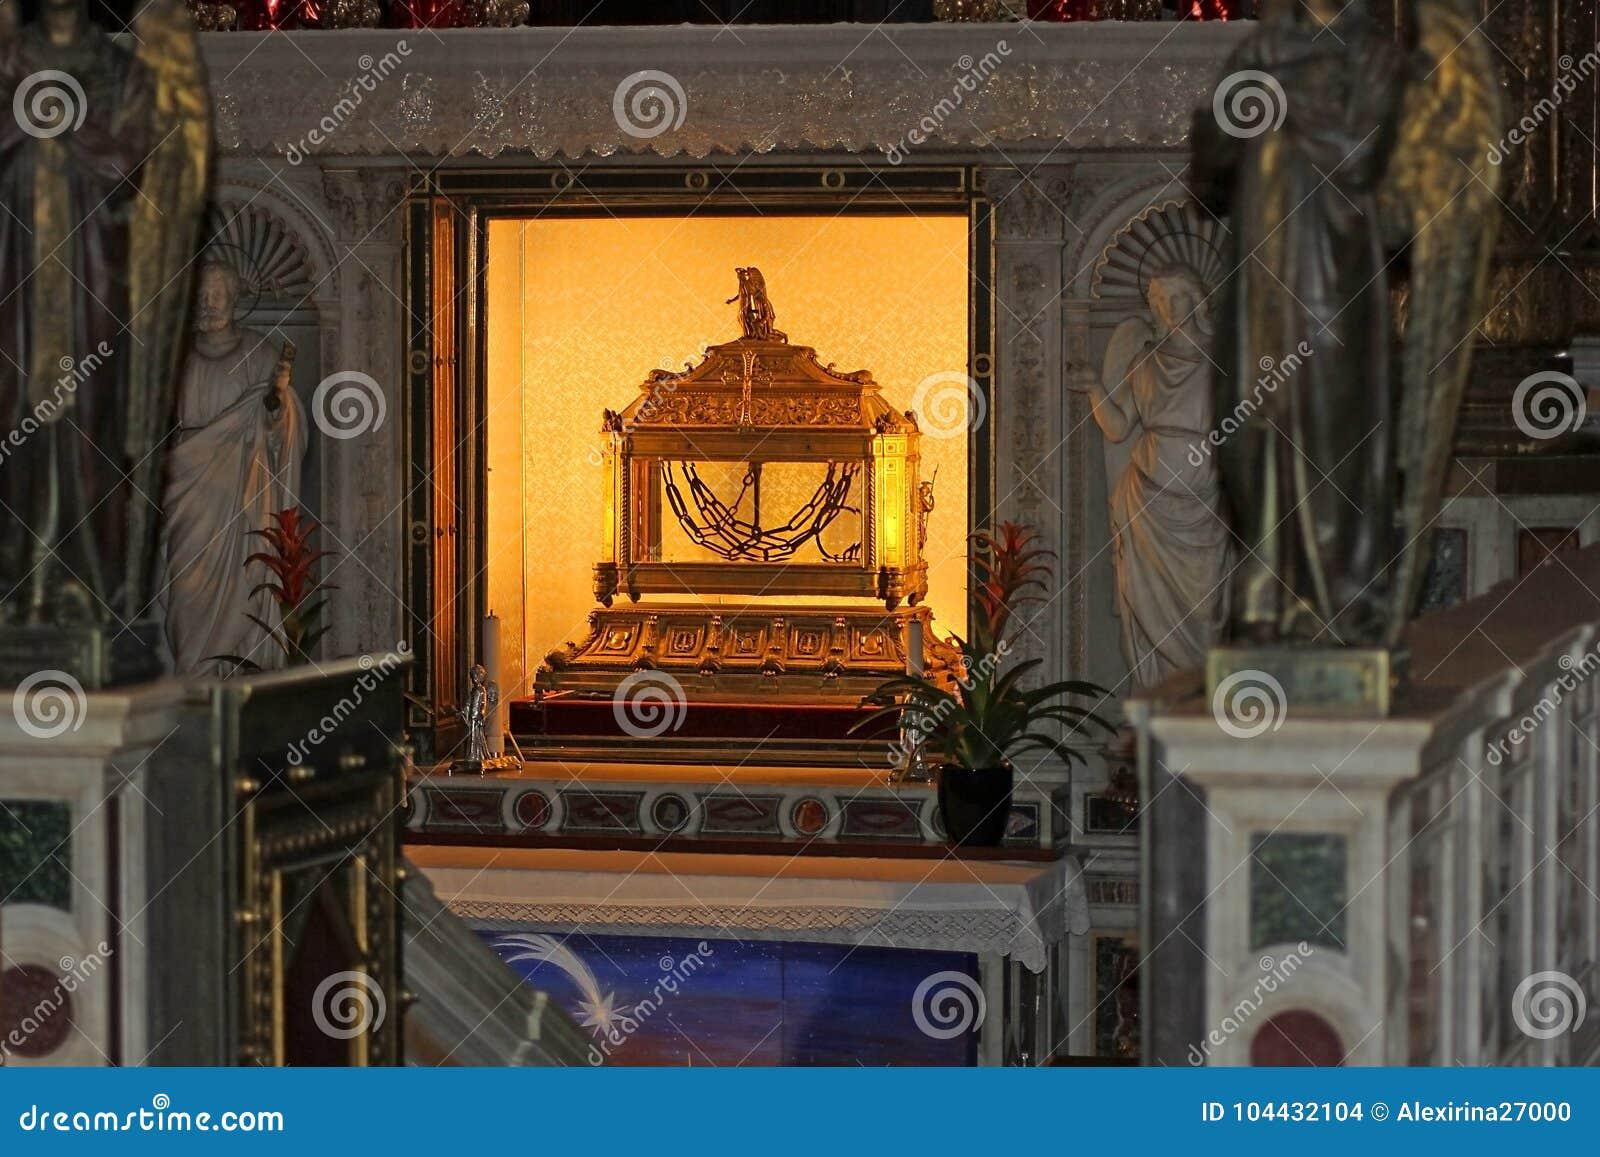 Relicário, contendo as correntes de St Peter, basílica San Pietro em Vincoli em Roma, Itália